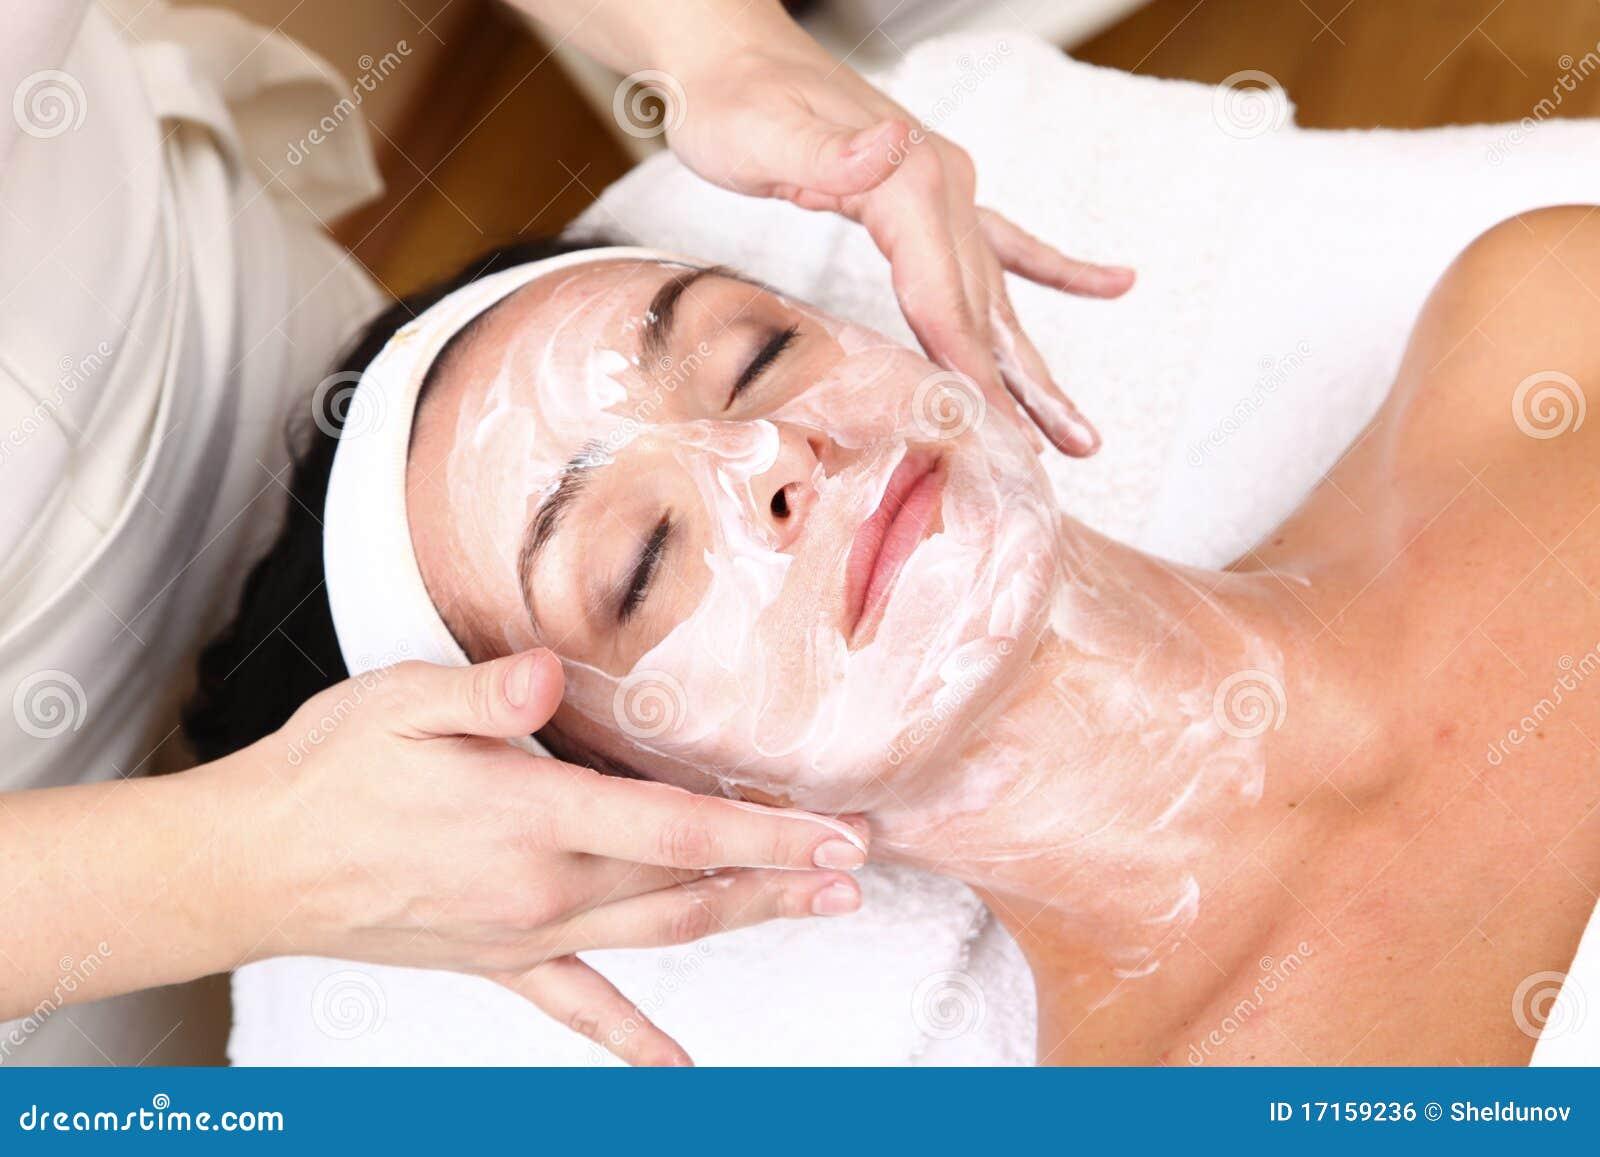 Gesicht der Frauen, die eine Badekurortbehandlung erhalten